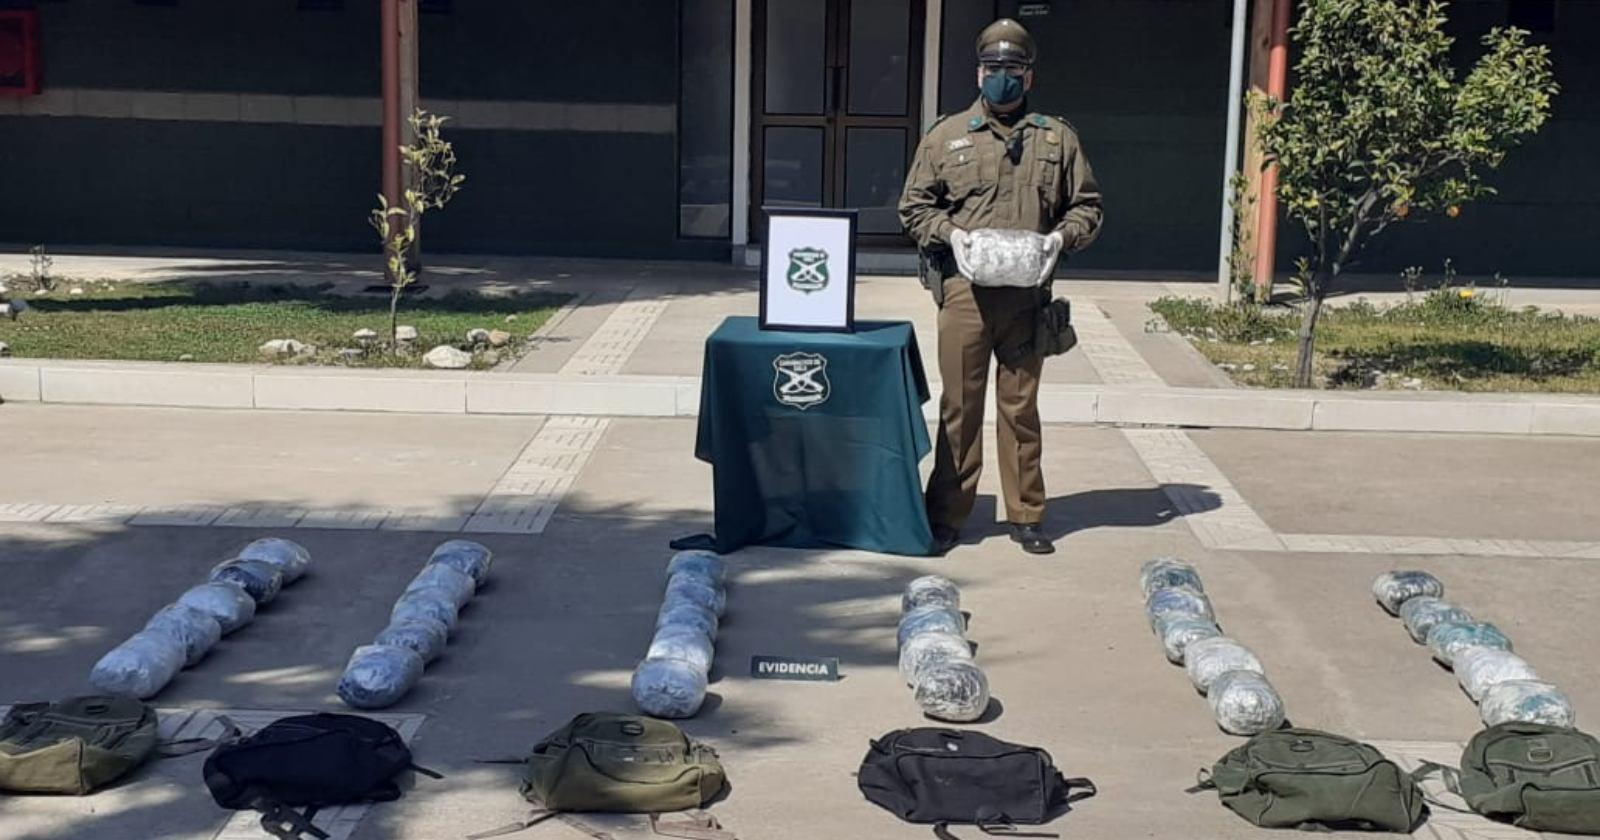 Sujeto fue detenido tras persecusión con 32 kilos de marihuana en Papudo